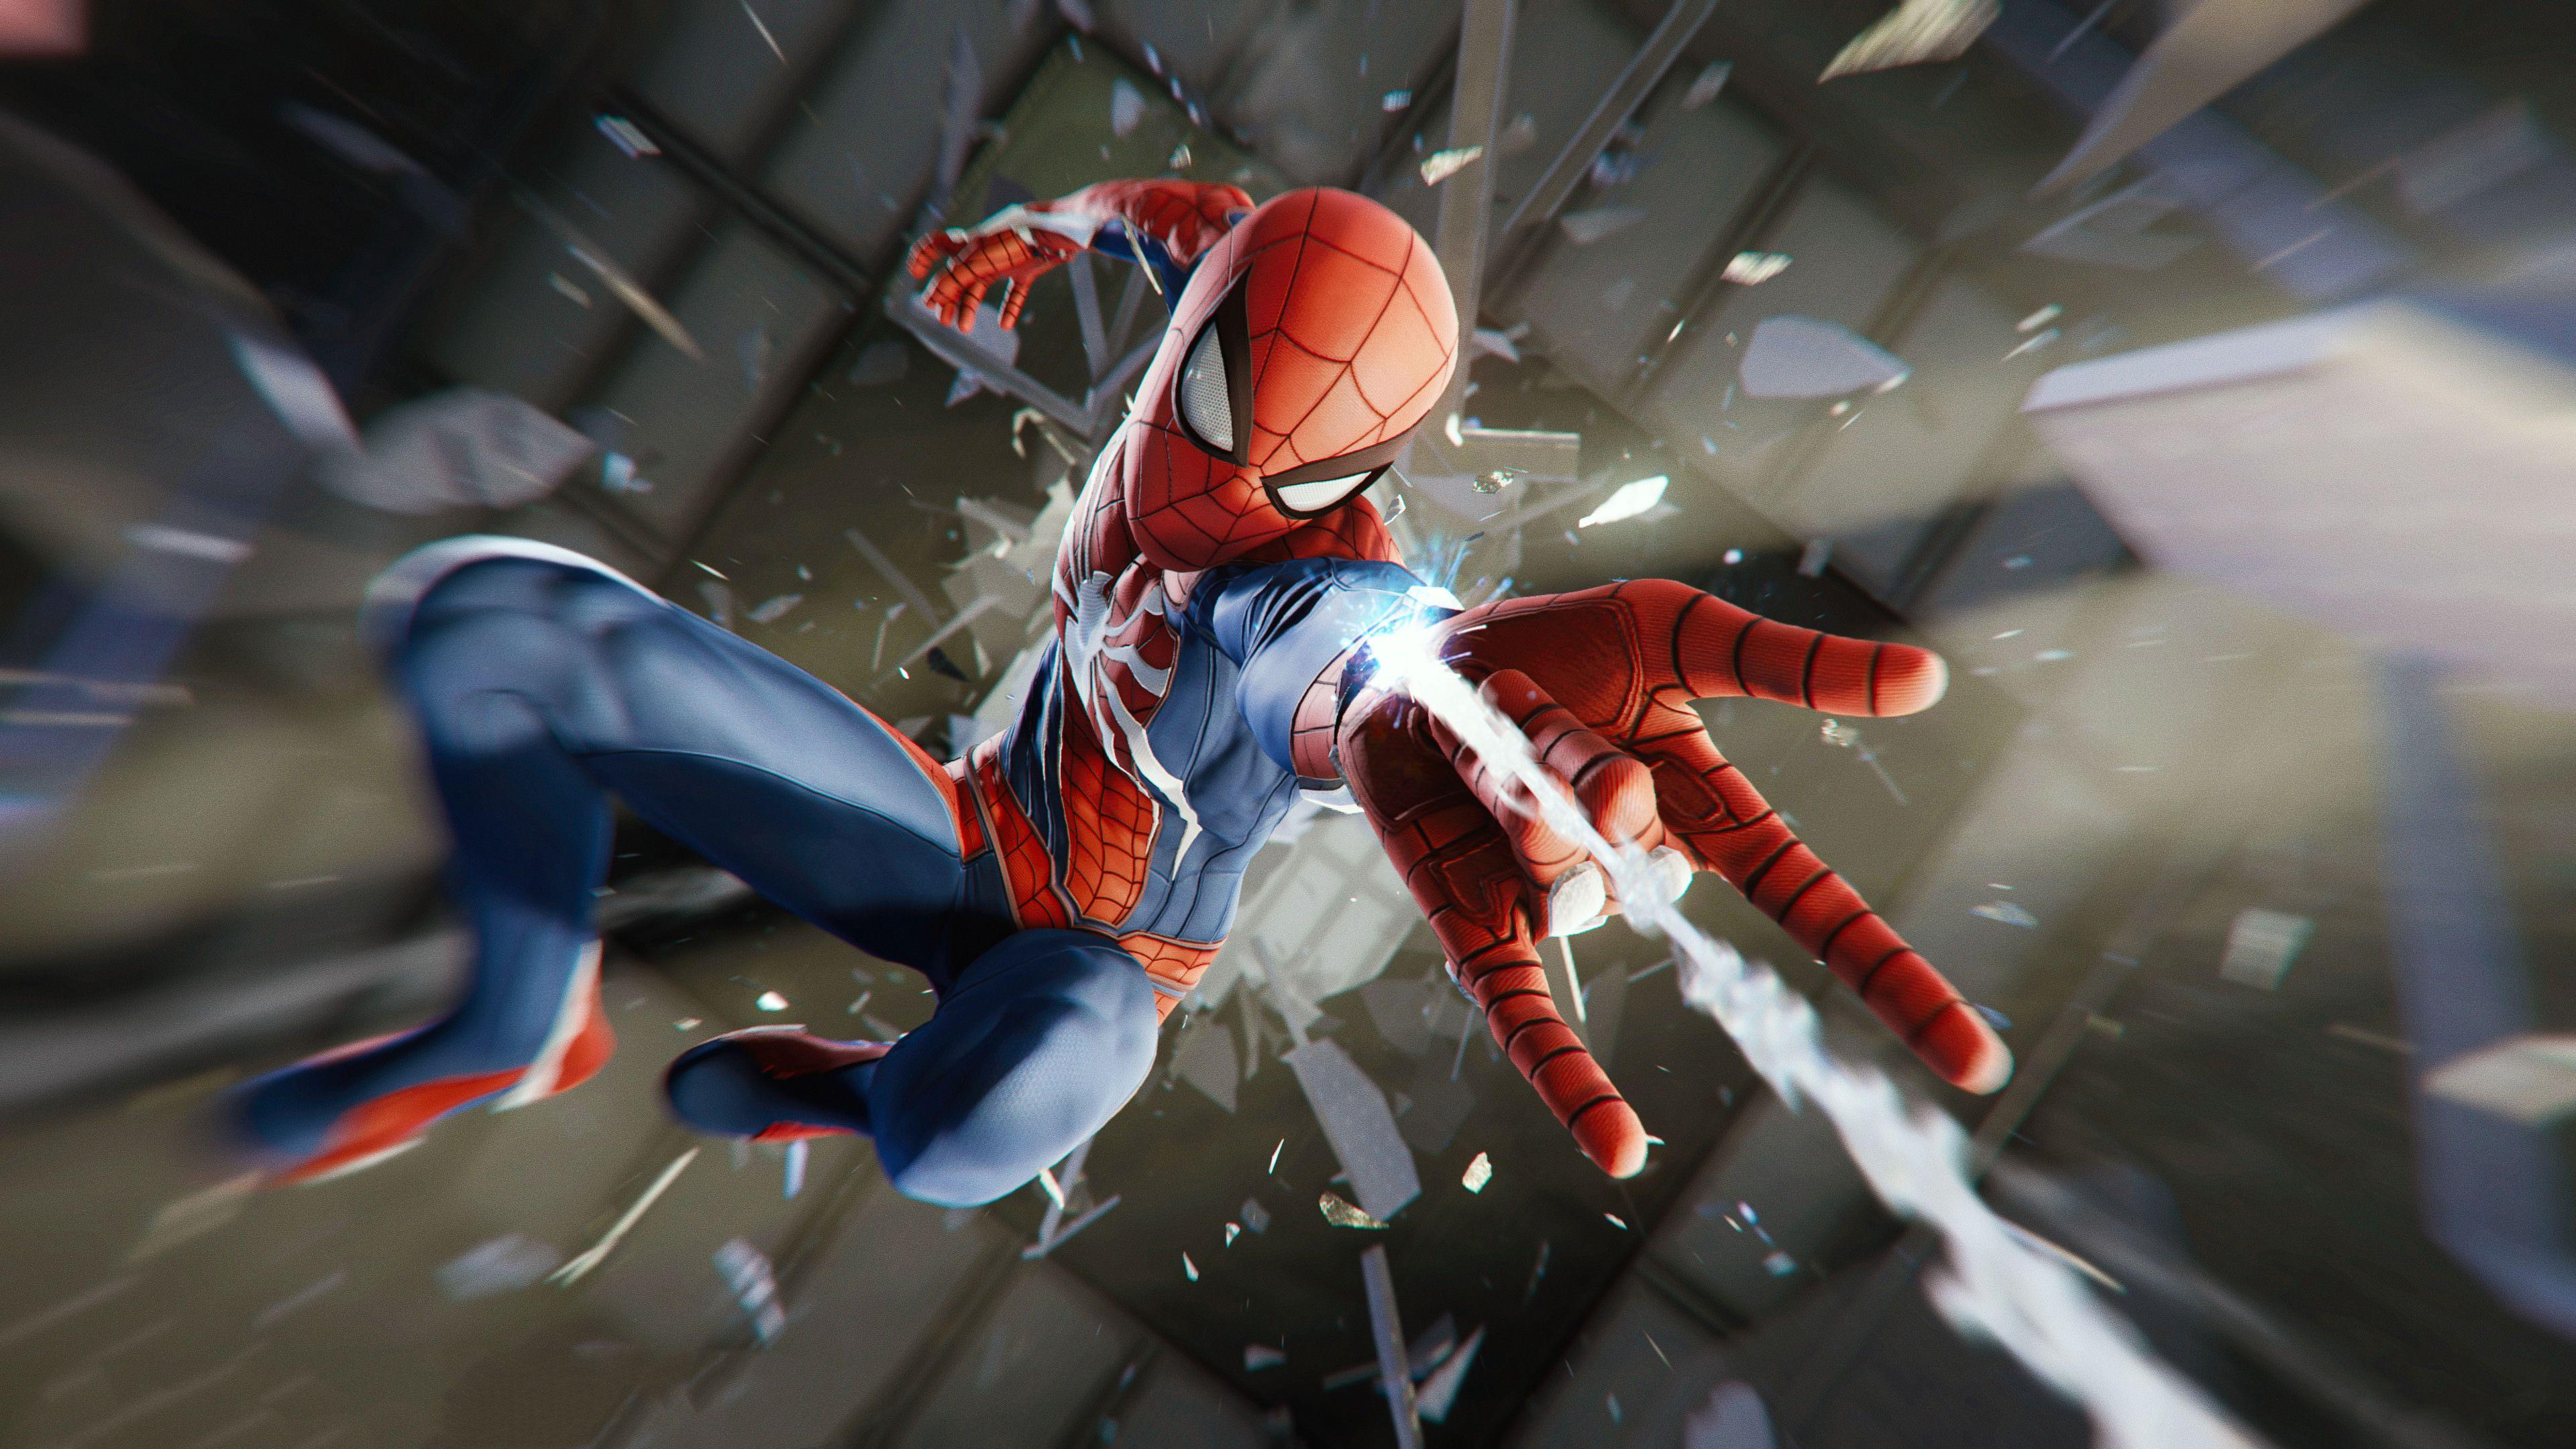 Spiderman Ps4 Game 4k superheroes wallpapers, spiderman